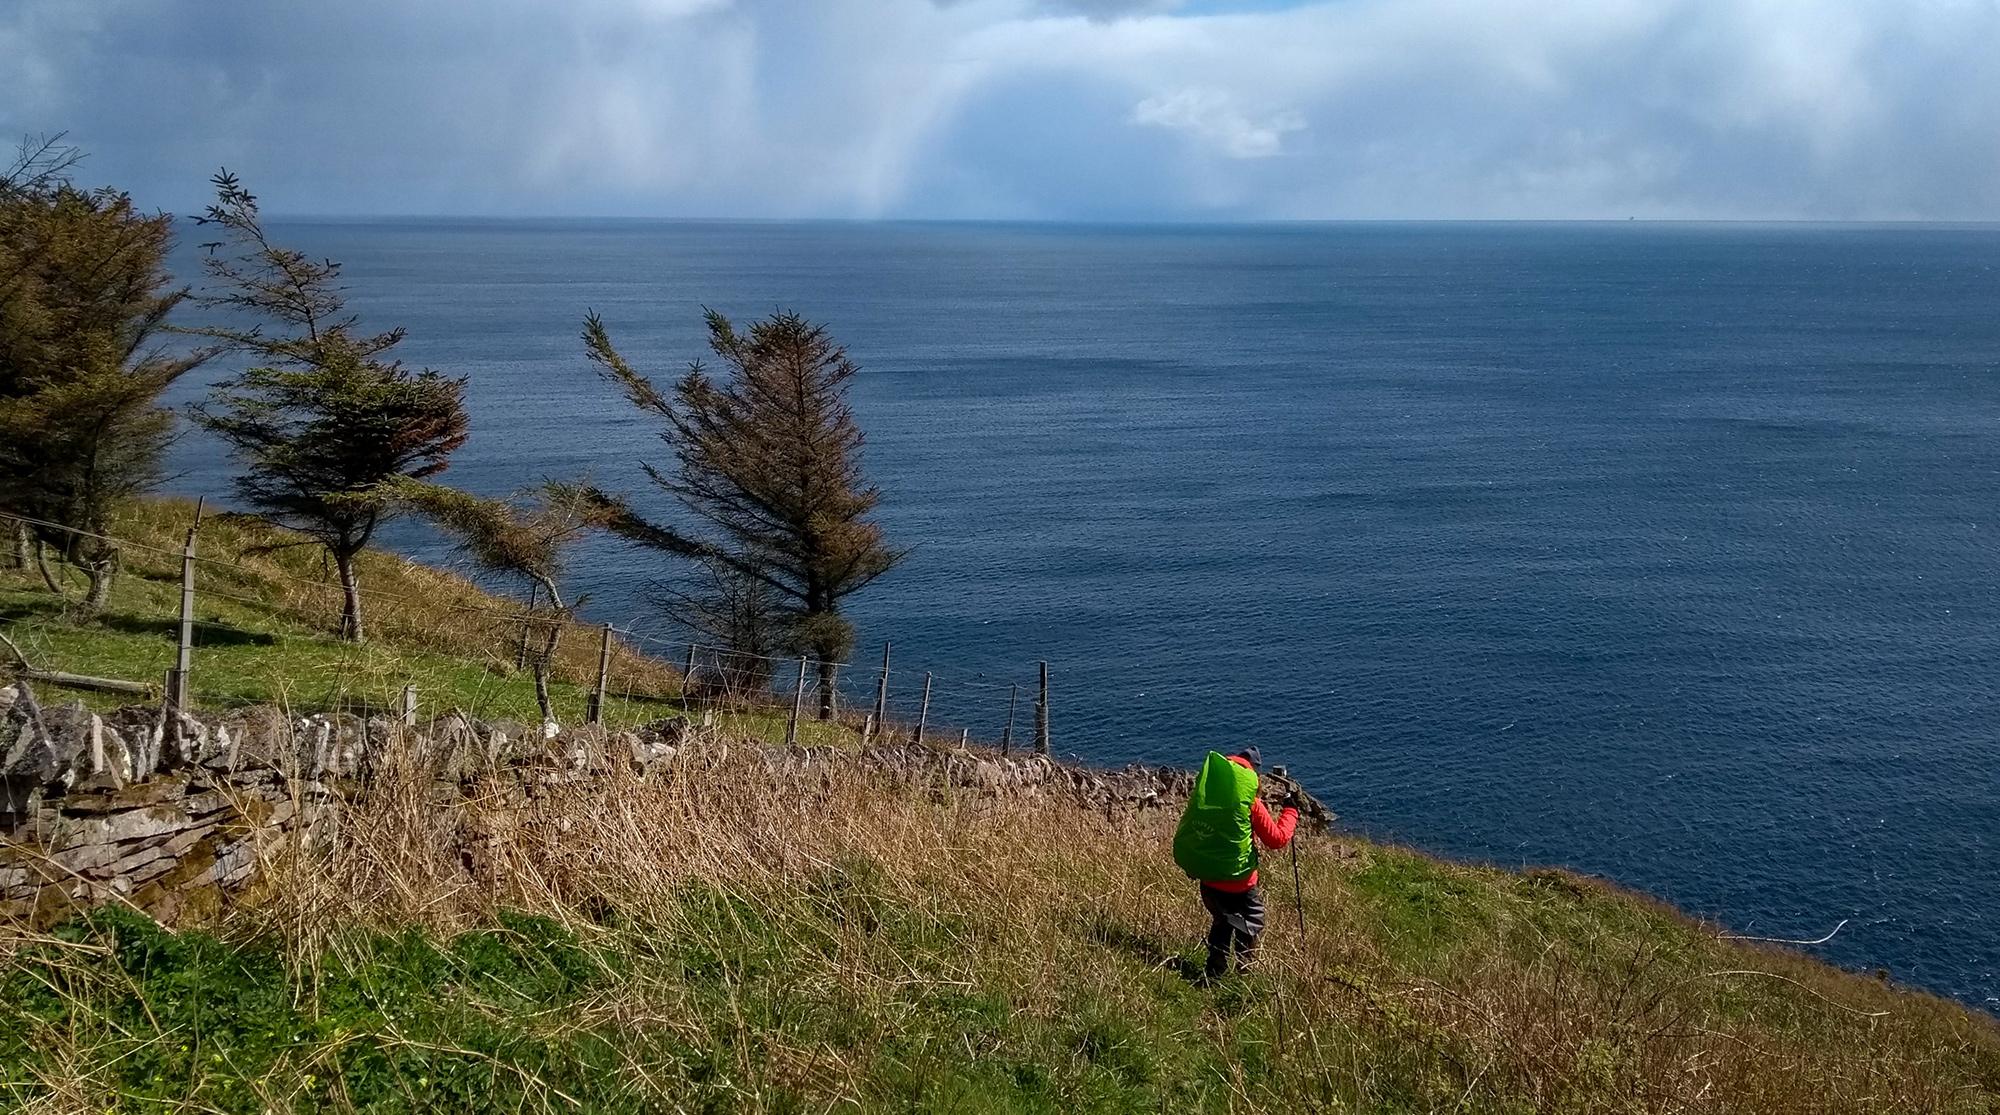 Frau mit Rucksack geht auf Gras an einr Steinmauer in Richtung Abgrund